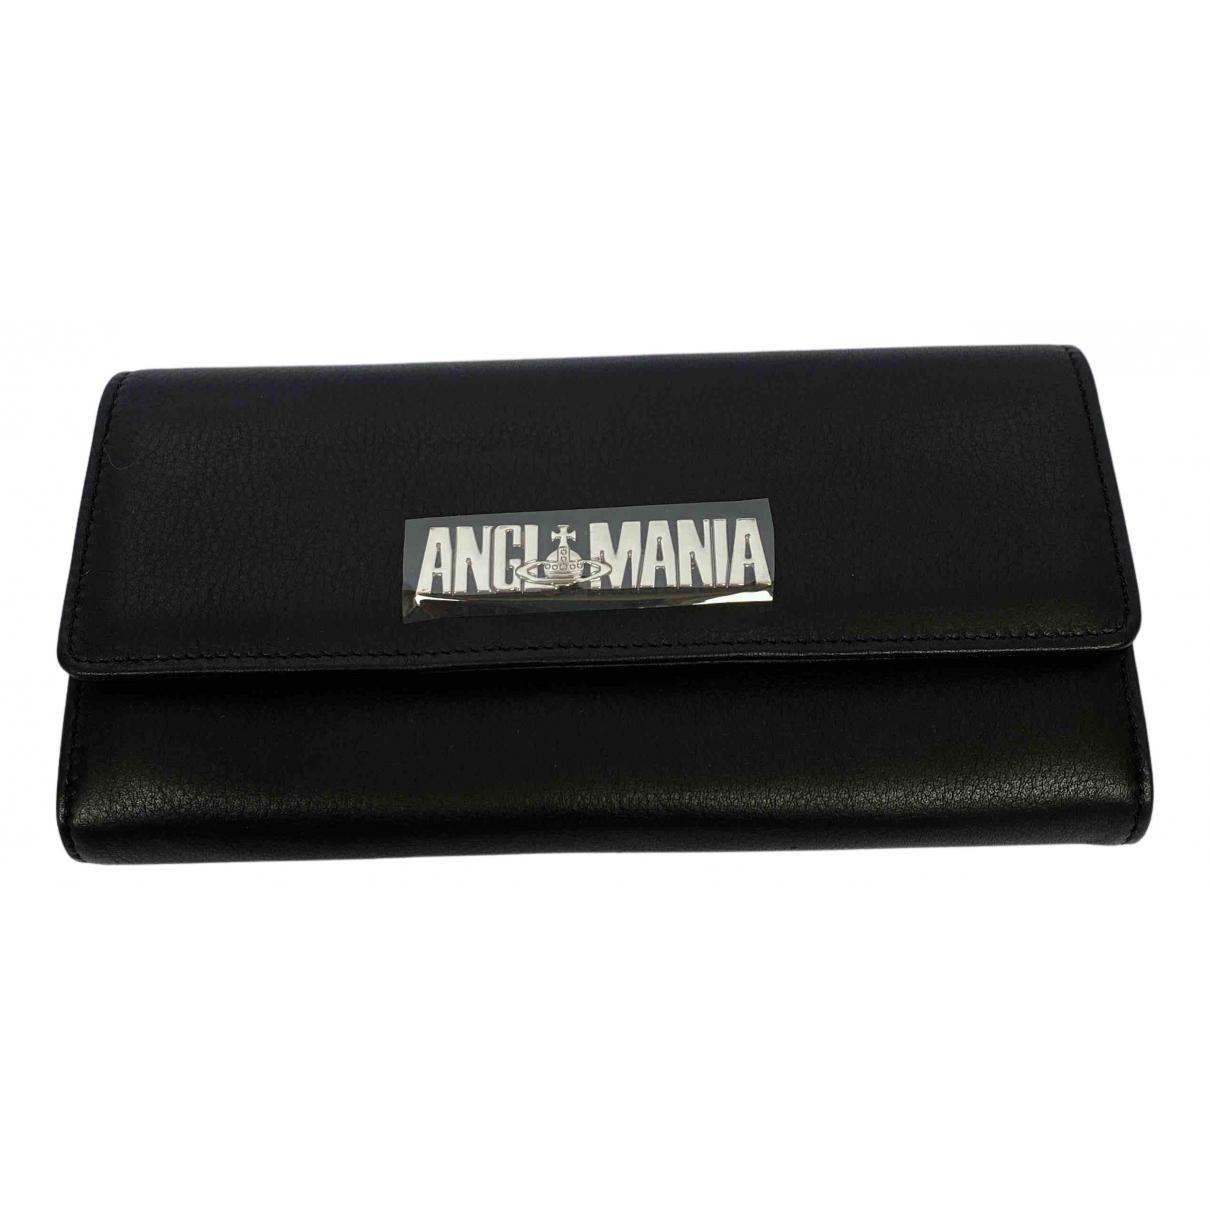 Vivienne Westwood Anglomania - Portefeuille   pour femme en cuir - noir